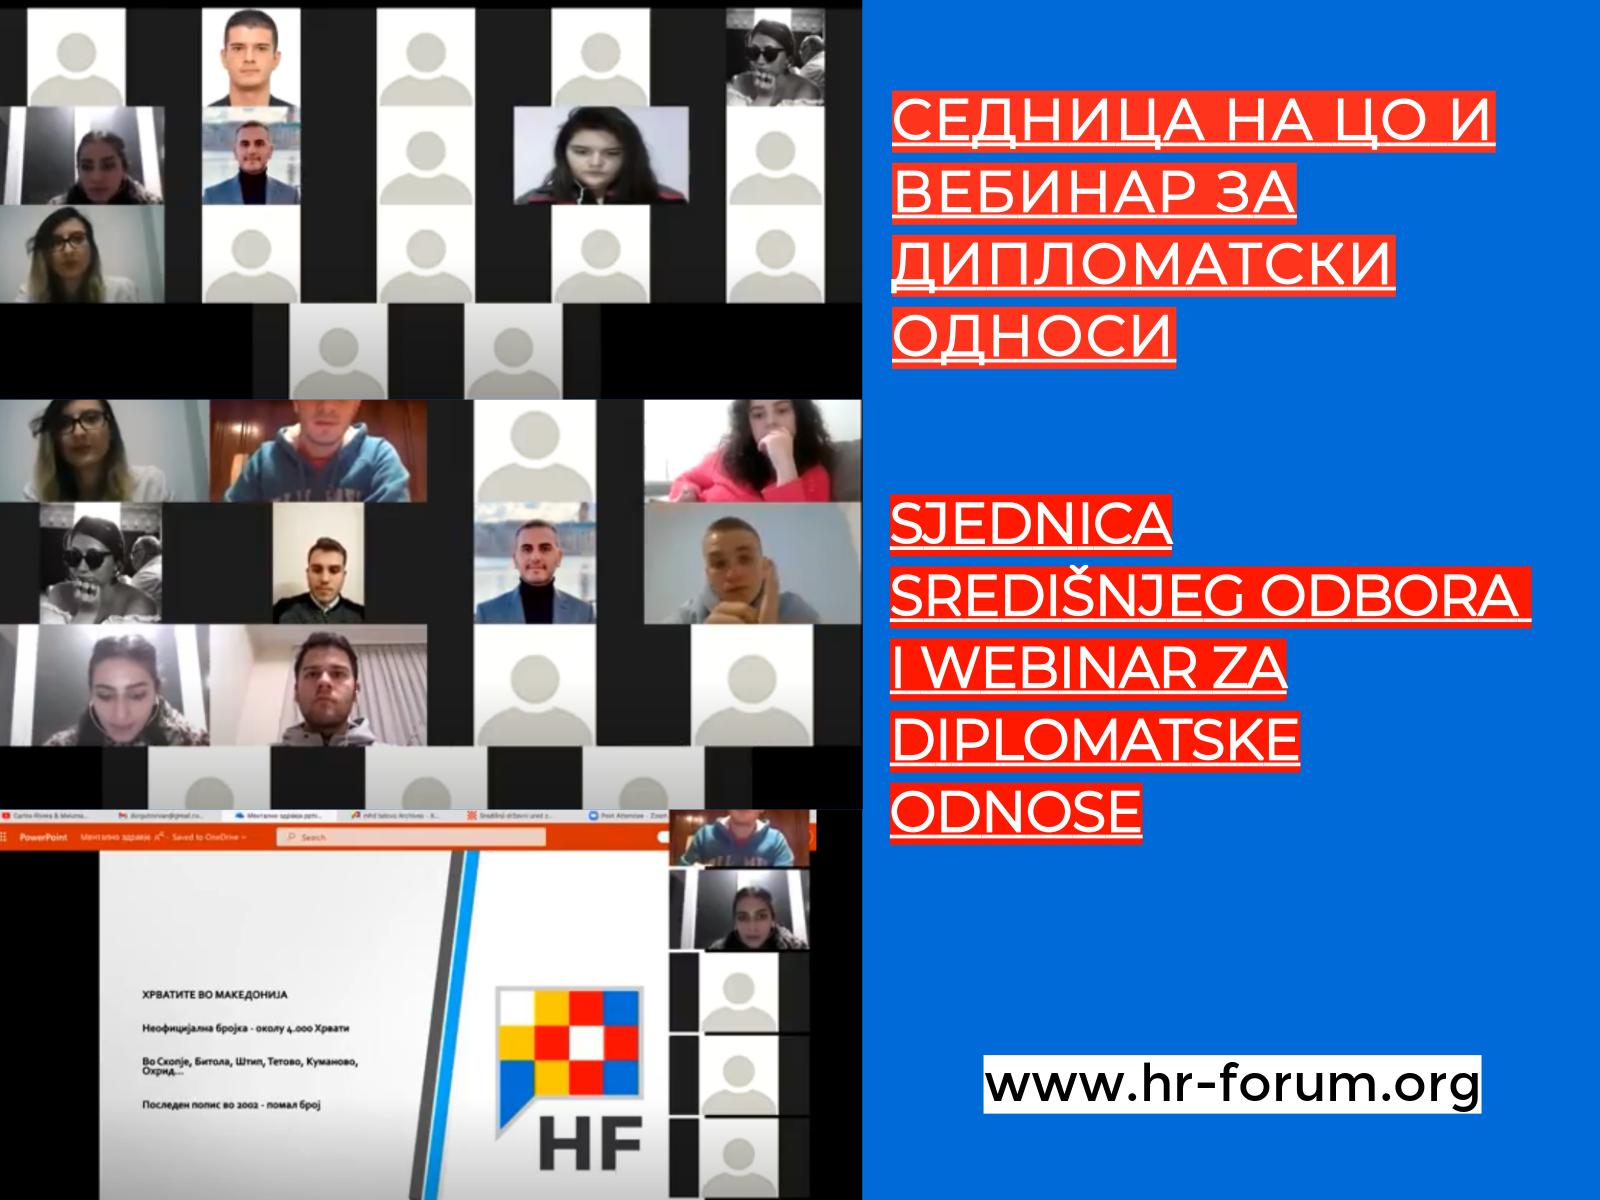 Прва седница на новиот ЦО и вебинар за дипломатските односи помеѓу Македонија и Хрватска